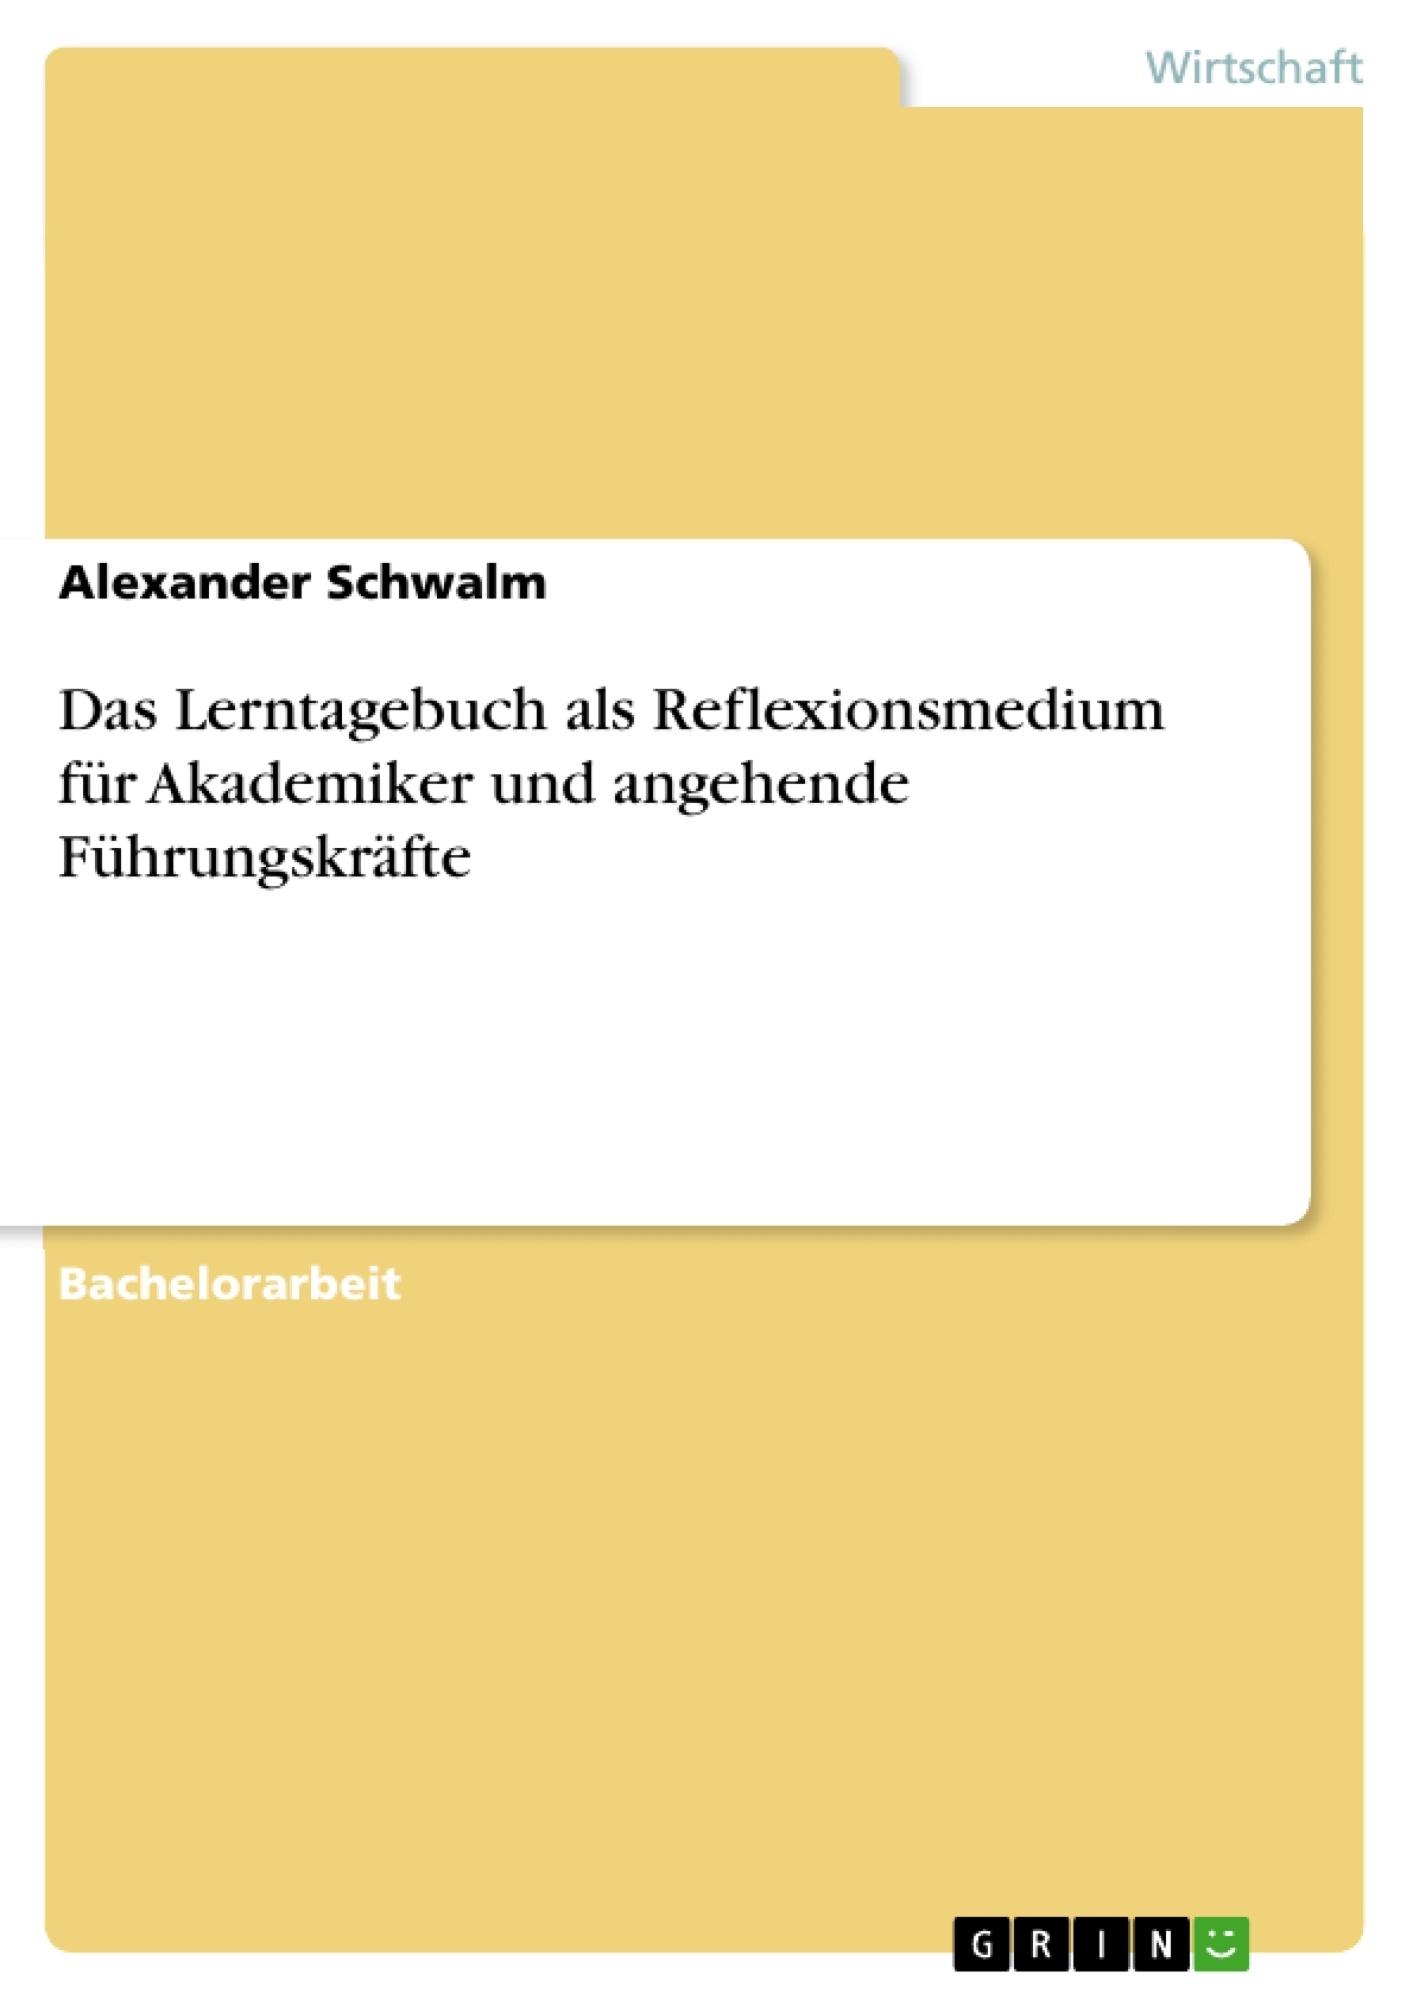 Titel: Das Lerntagebuch als Reflexionsmedium für Akademiker und angehende Führungskräfte